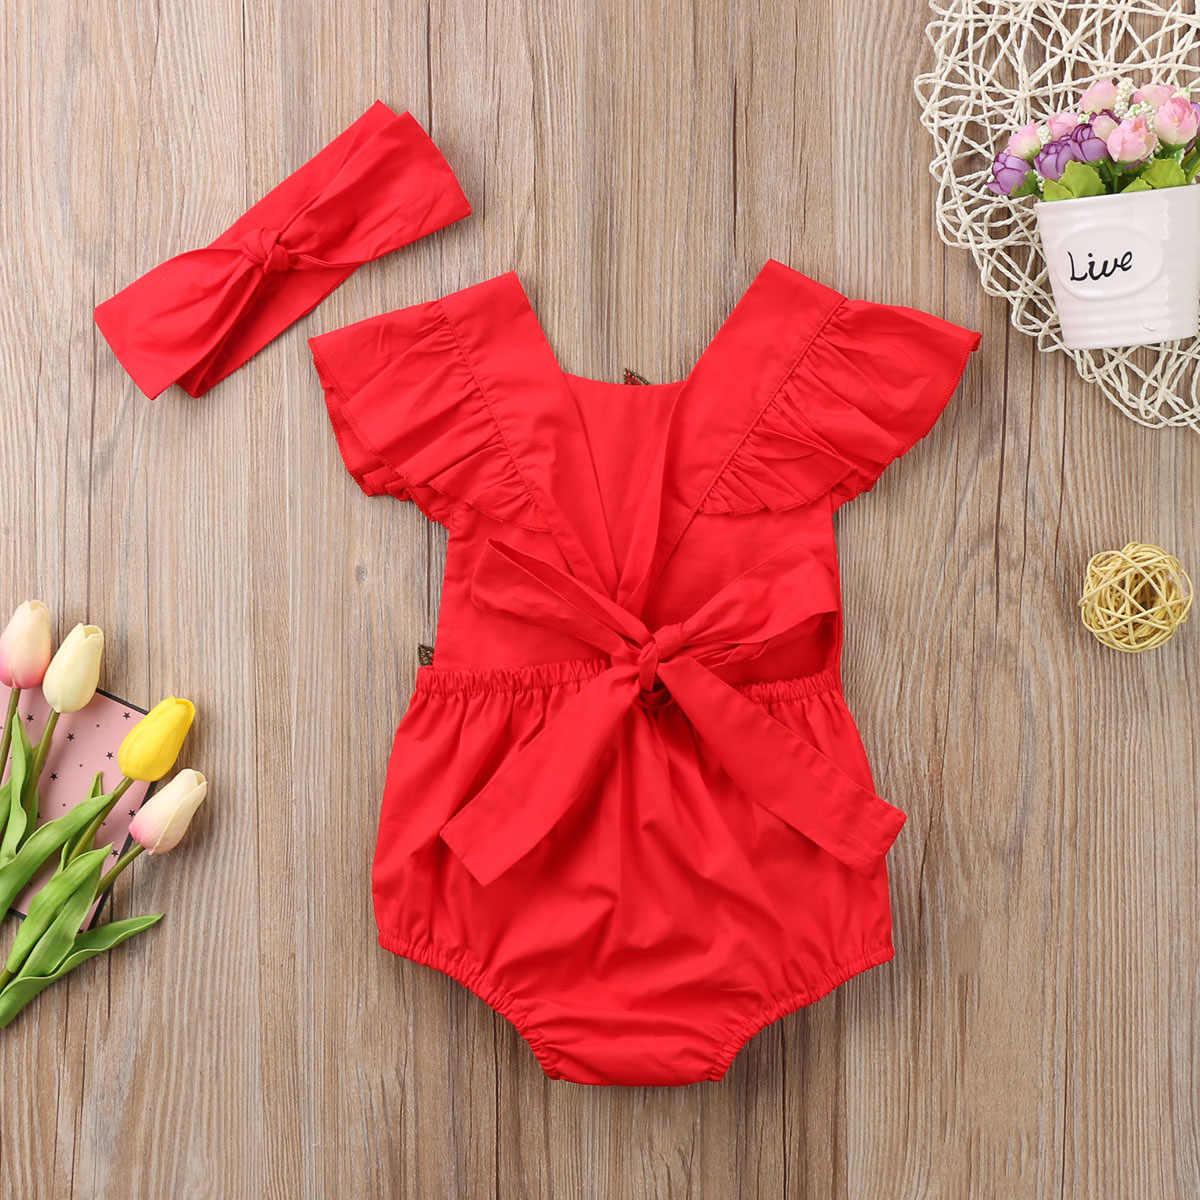 2017 одежда для маленьких девочек с красным цветком, пляжный костюм без рукавов с цветочным принтом, боди, милая повязка, комплект, комбинезон, одежда